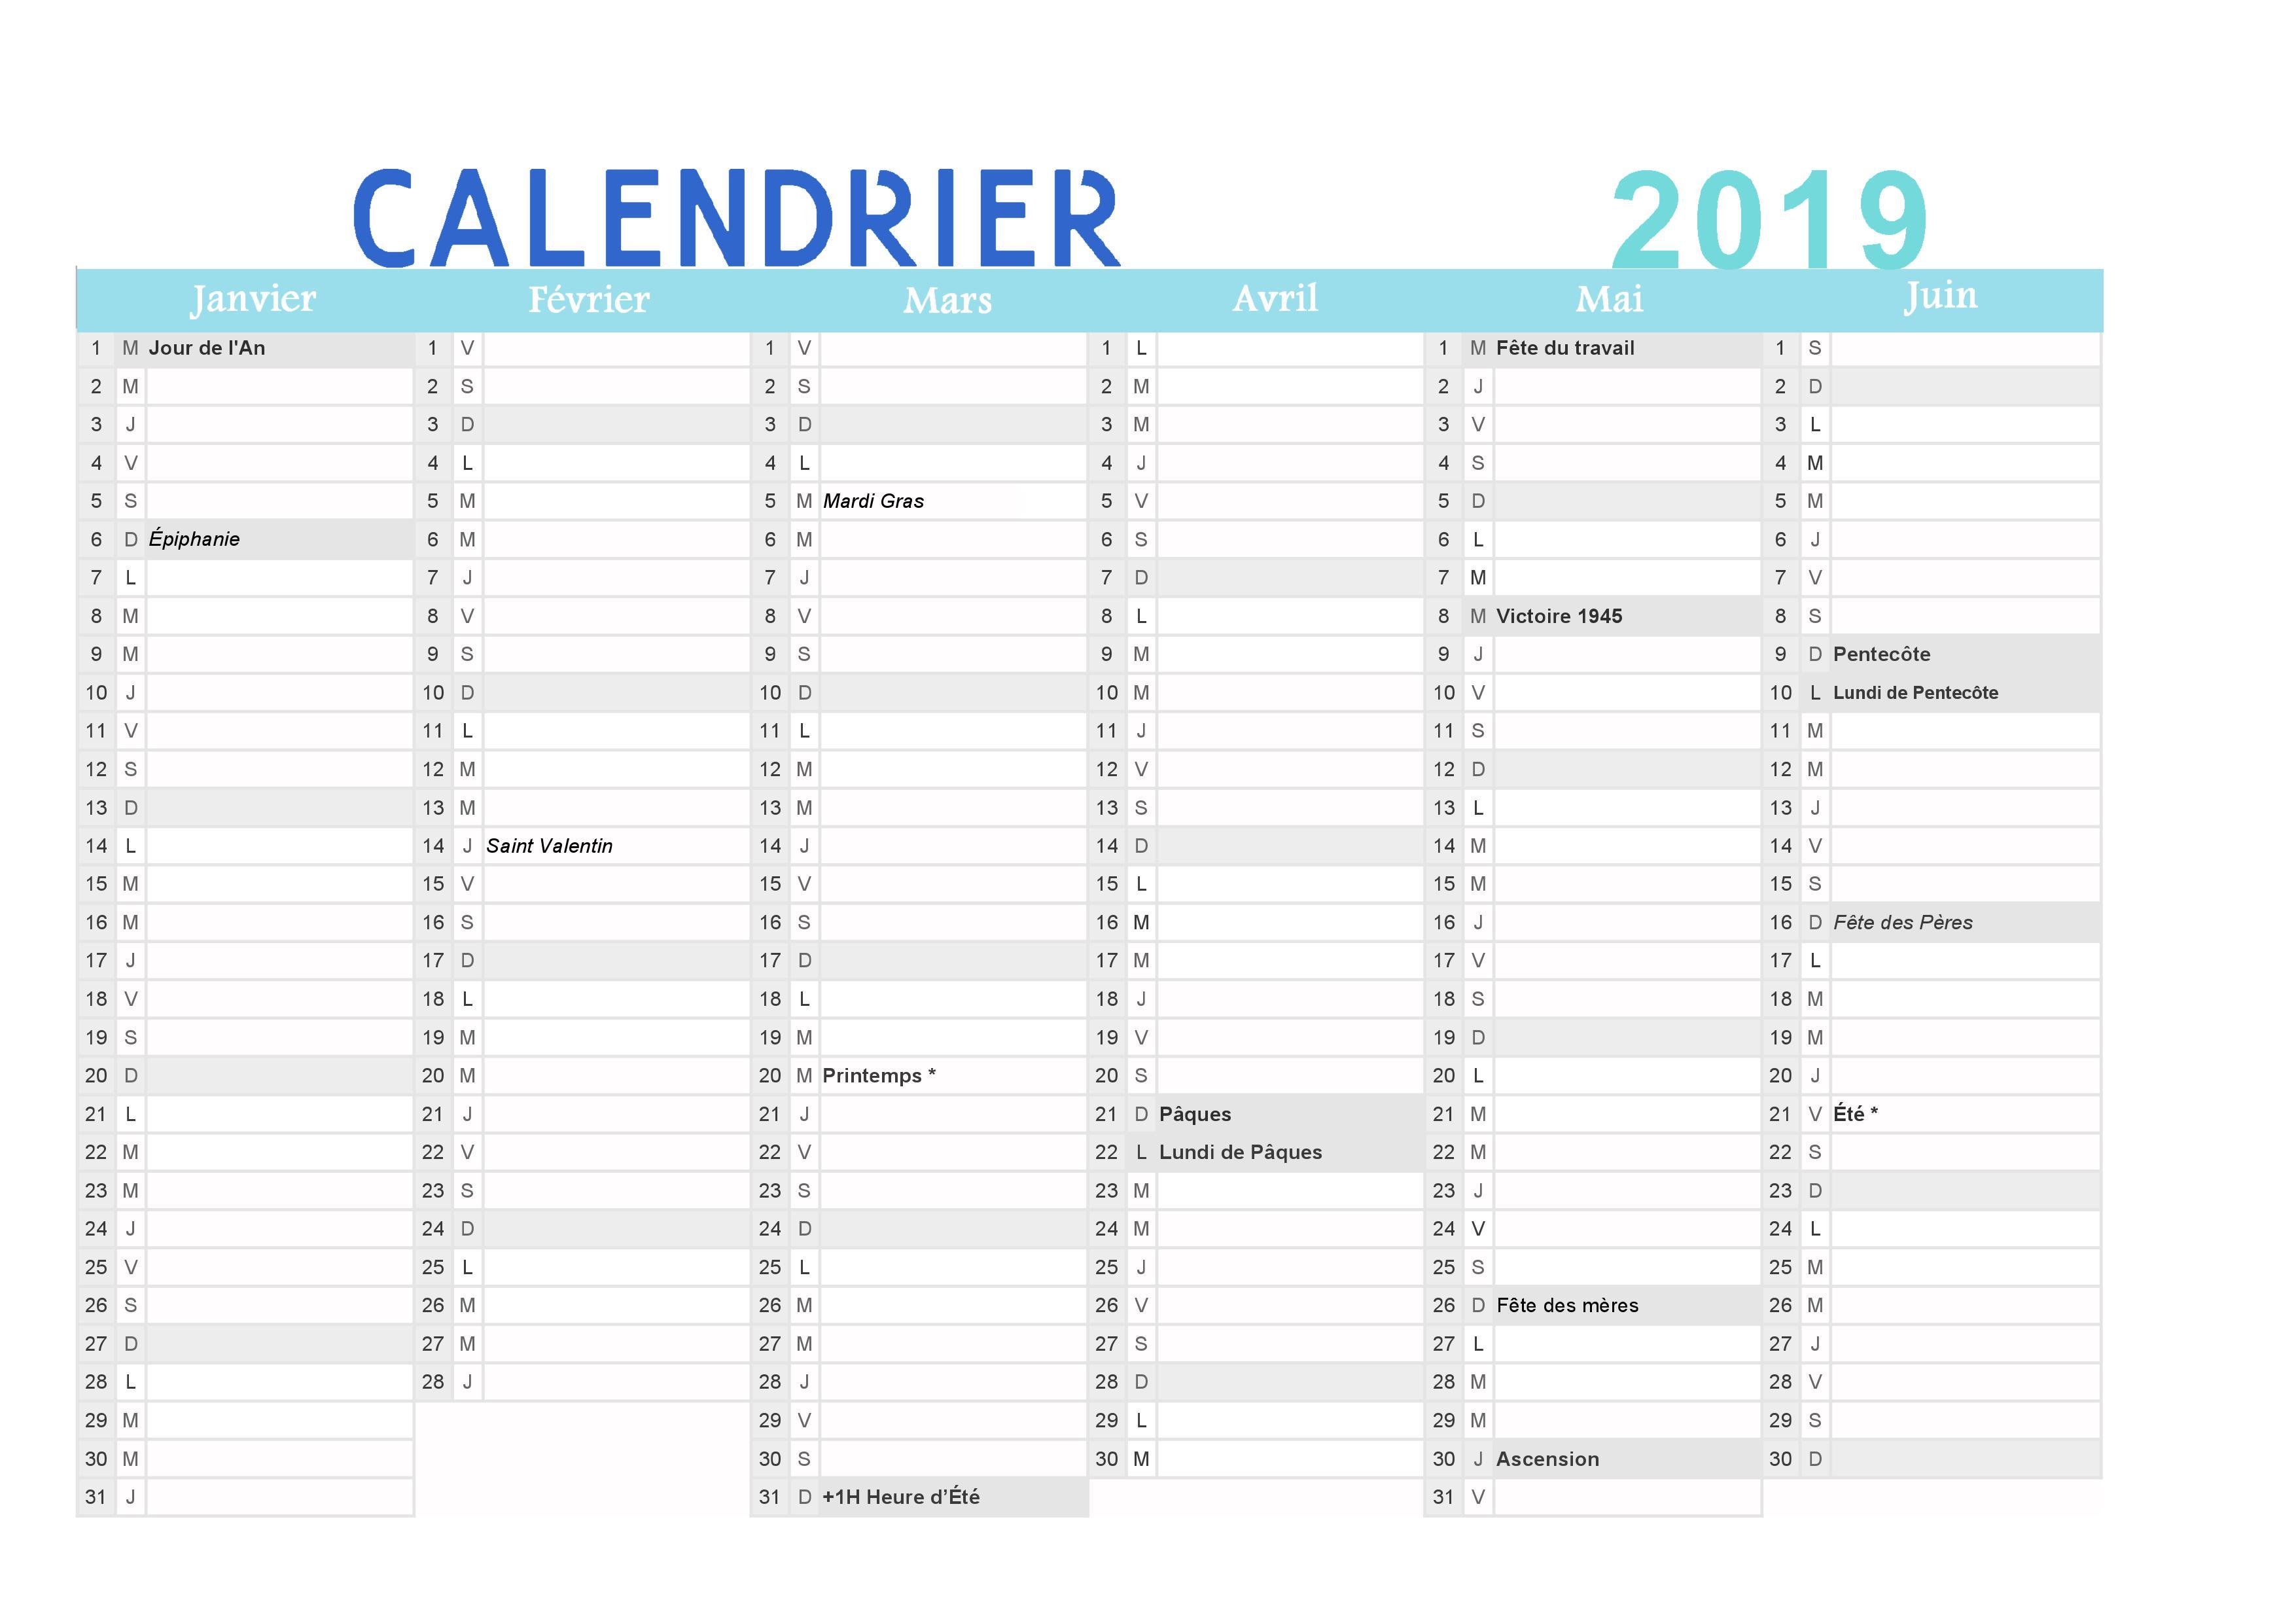 Calendrier Telecharger.Calendrier 2019 A Imprimer Gratuit Au Format Pdf